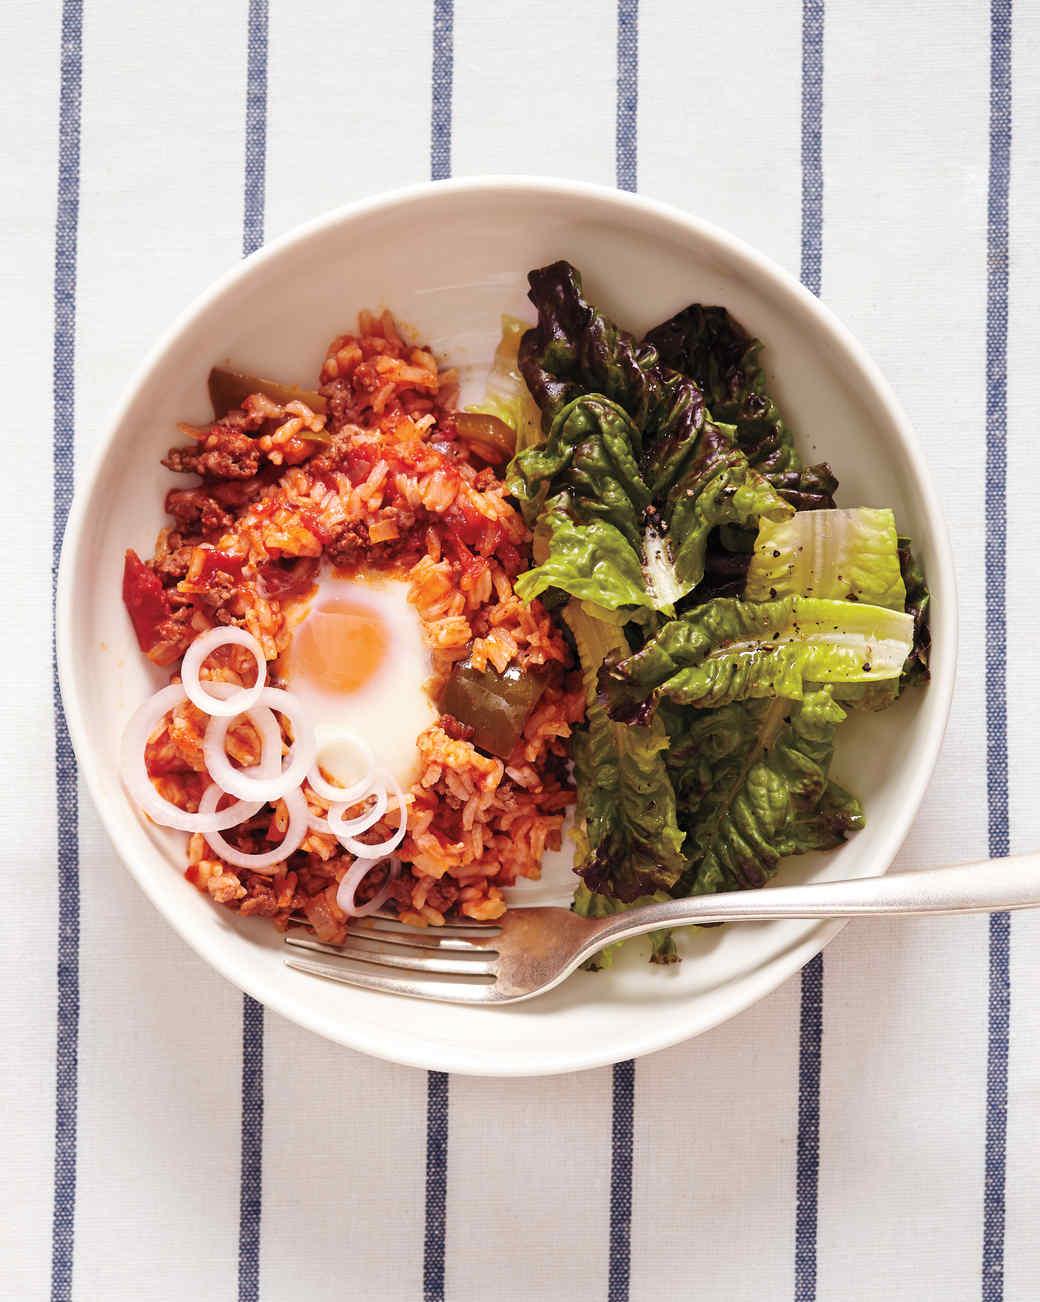 spanish-rice-020-d111386.jpg